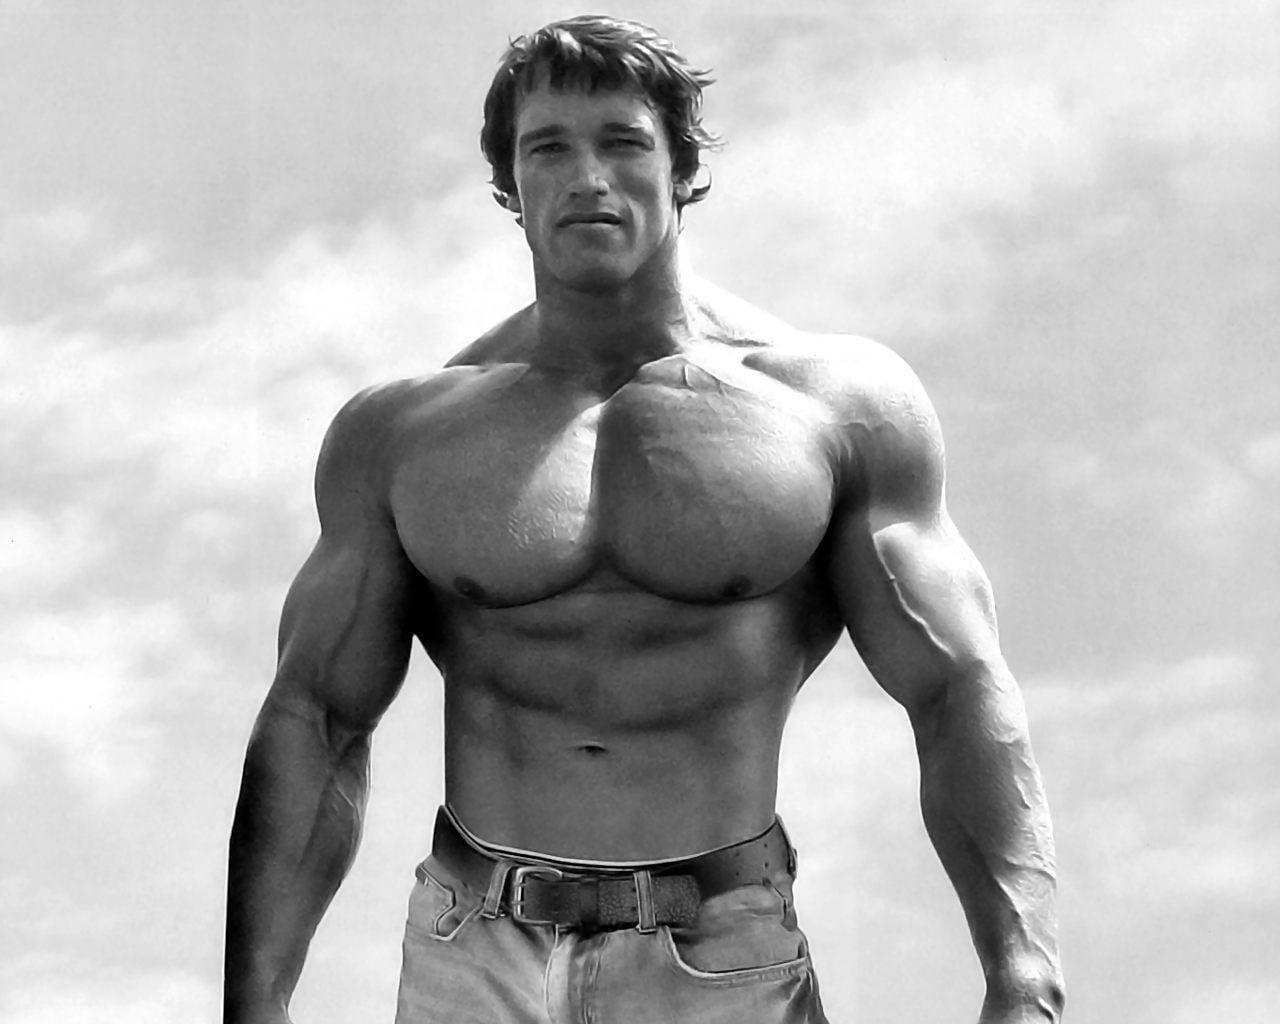 Bodybuilder Gyms Muscular Arnold Schwarzenegger 720p Wallpaper Hdwallp Arnold Schwarzenegger Bodybuilding Arnold Bodybuilding Schwarzenegger Bodybuilding